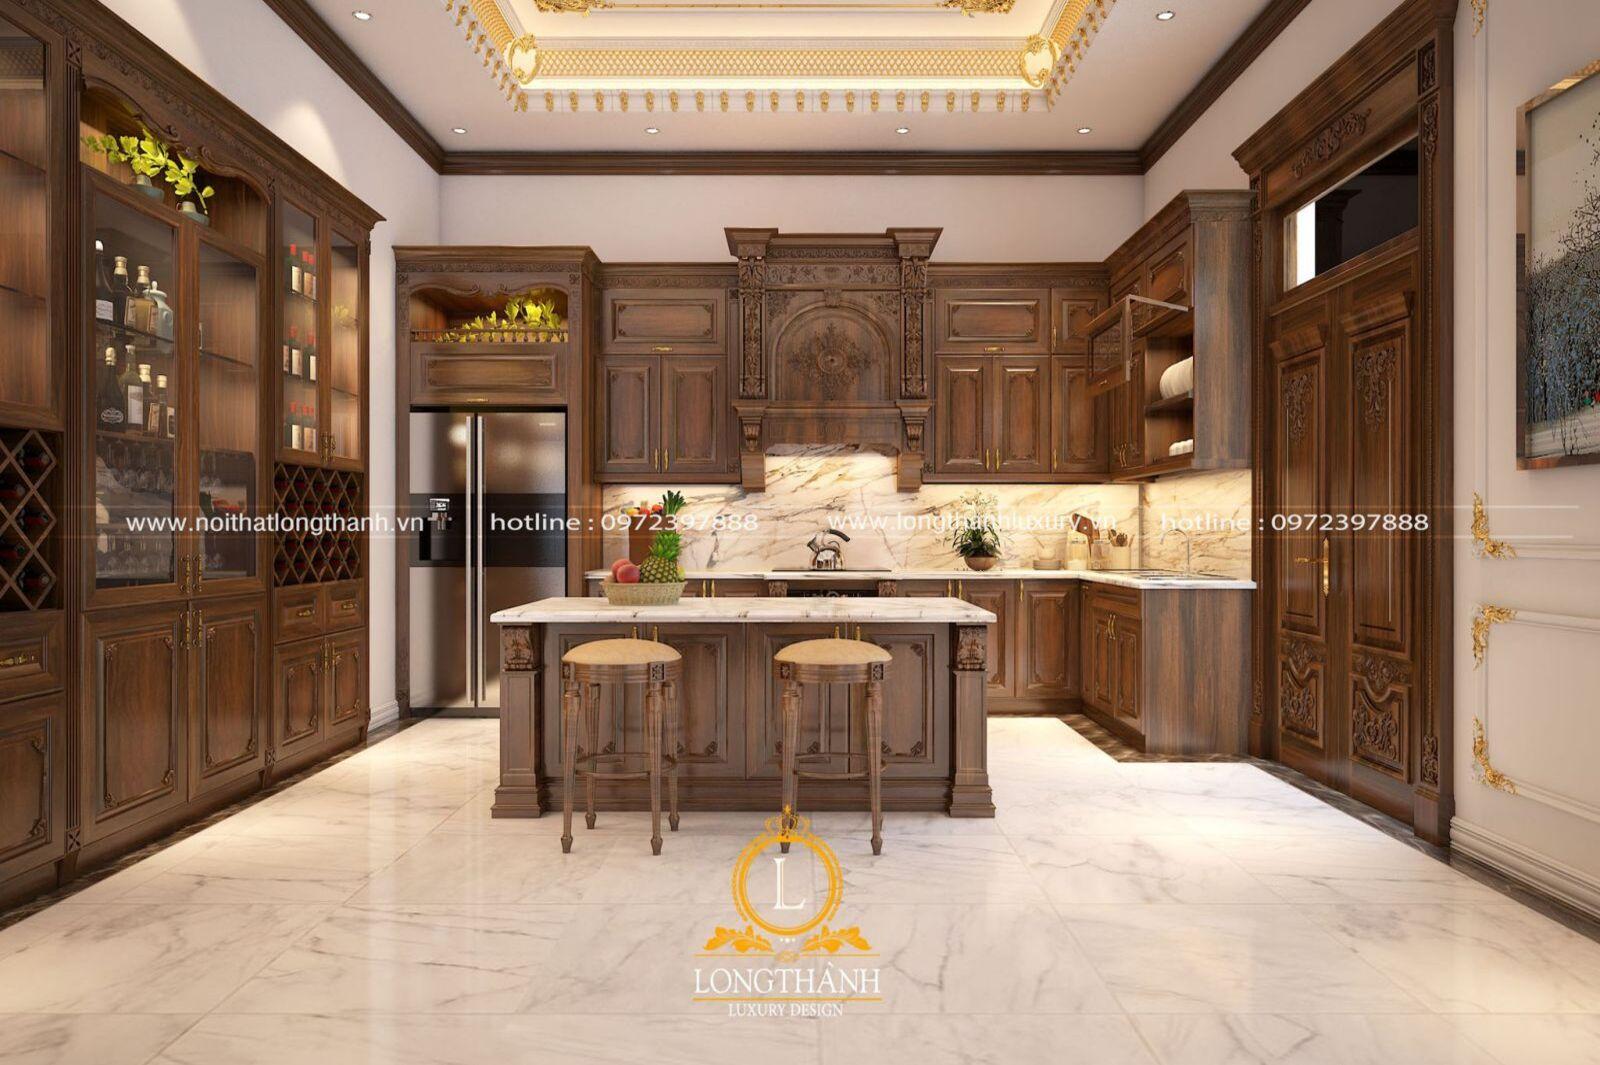 Những mẫu thiết kế phòng bếp tân cổ điển sang trọng